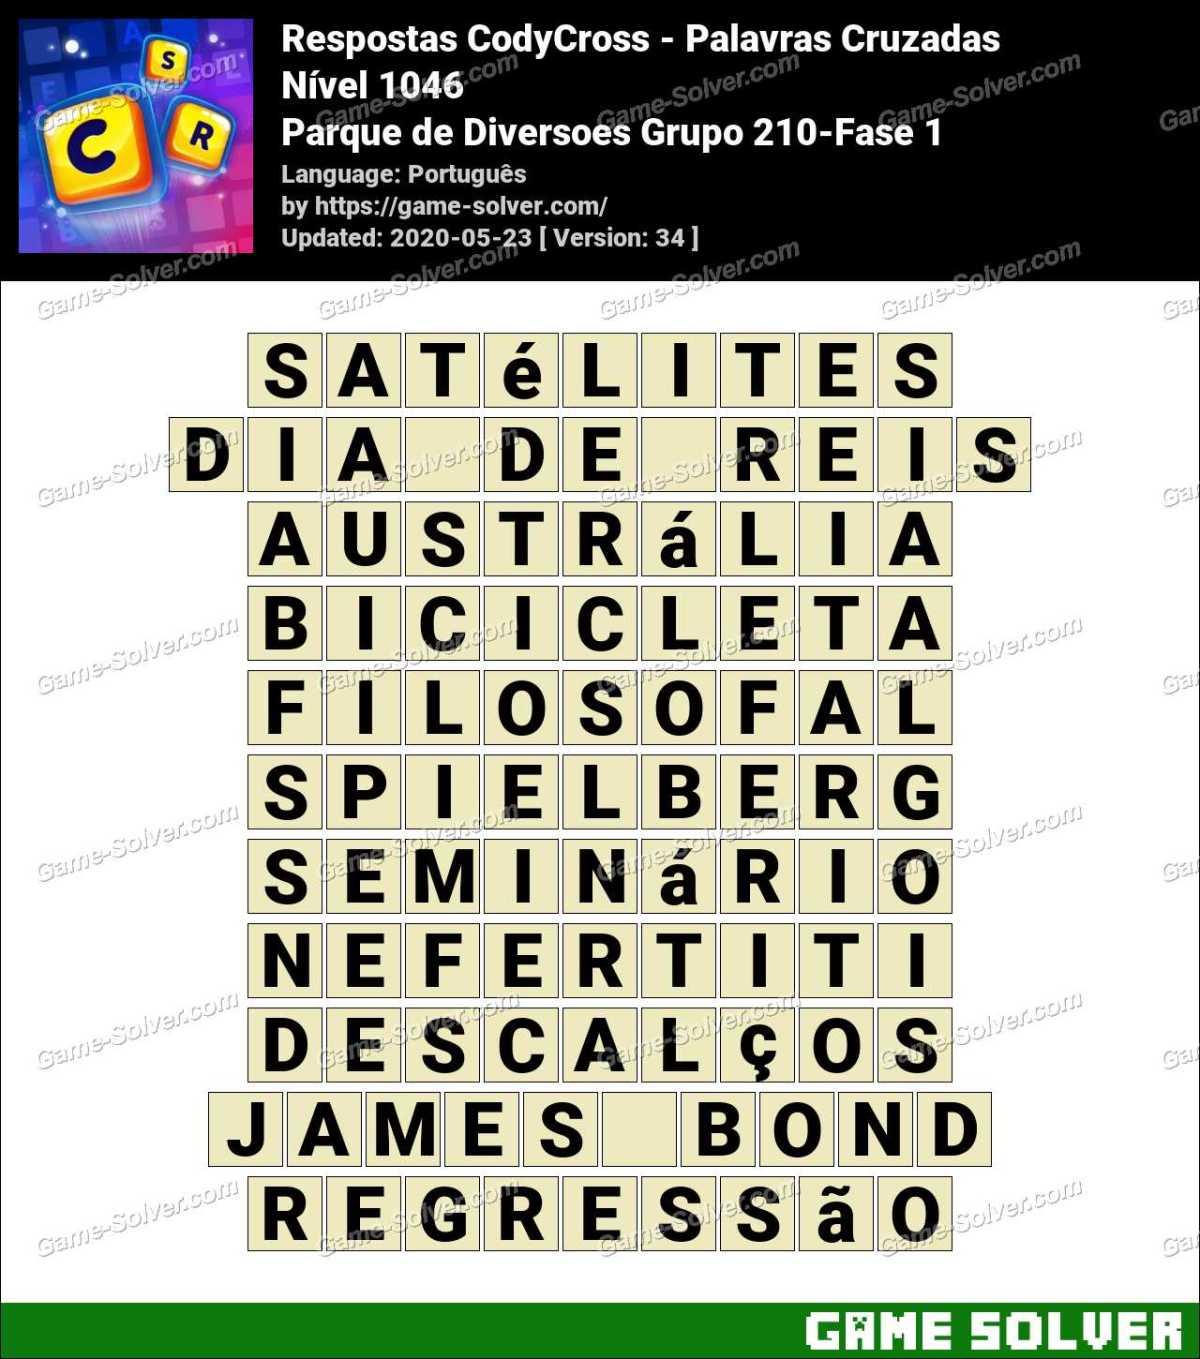 Respostas CodyCross Parque de Diversoes Grupo 210-Fase 1